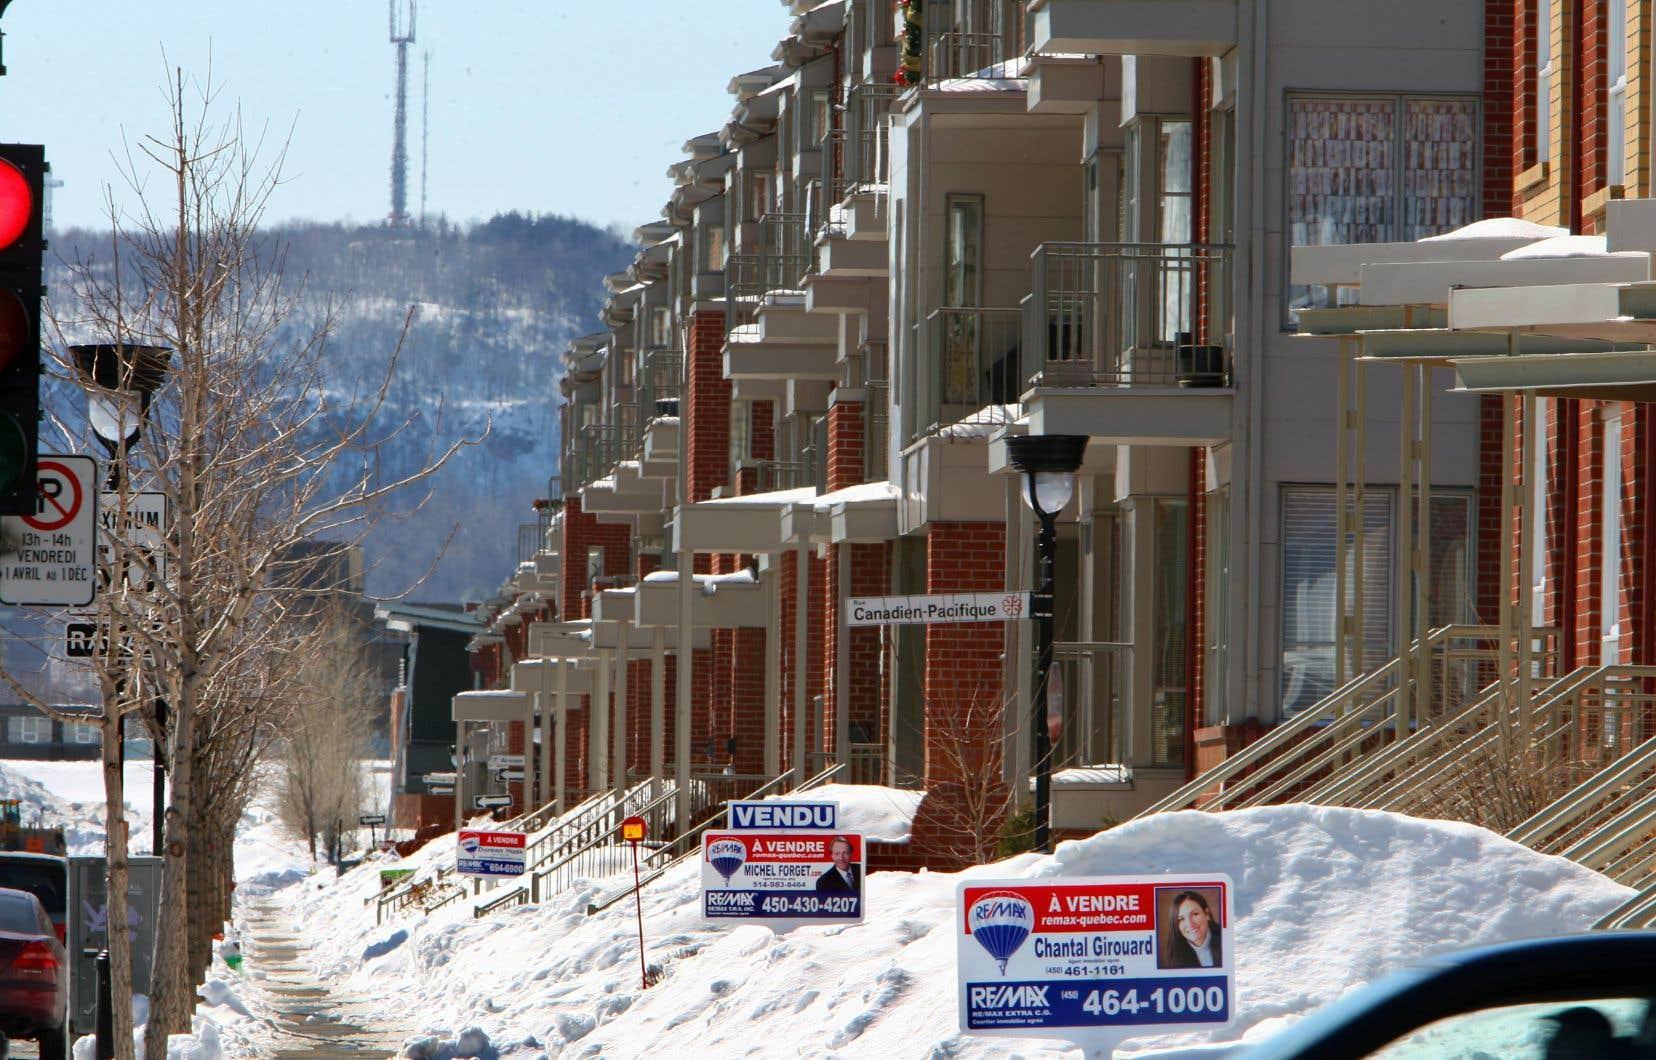 La forte appréciation des prix sur le marché immobilier canadien fait partie des facteurs aggravant la vulnérabilité financière du pays.